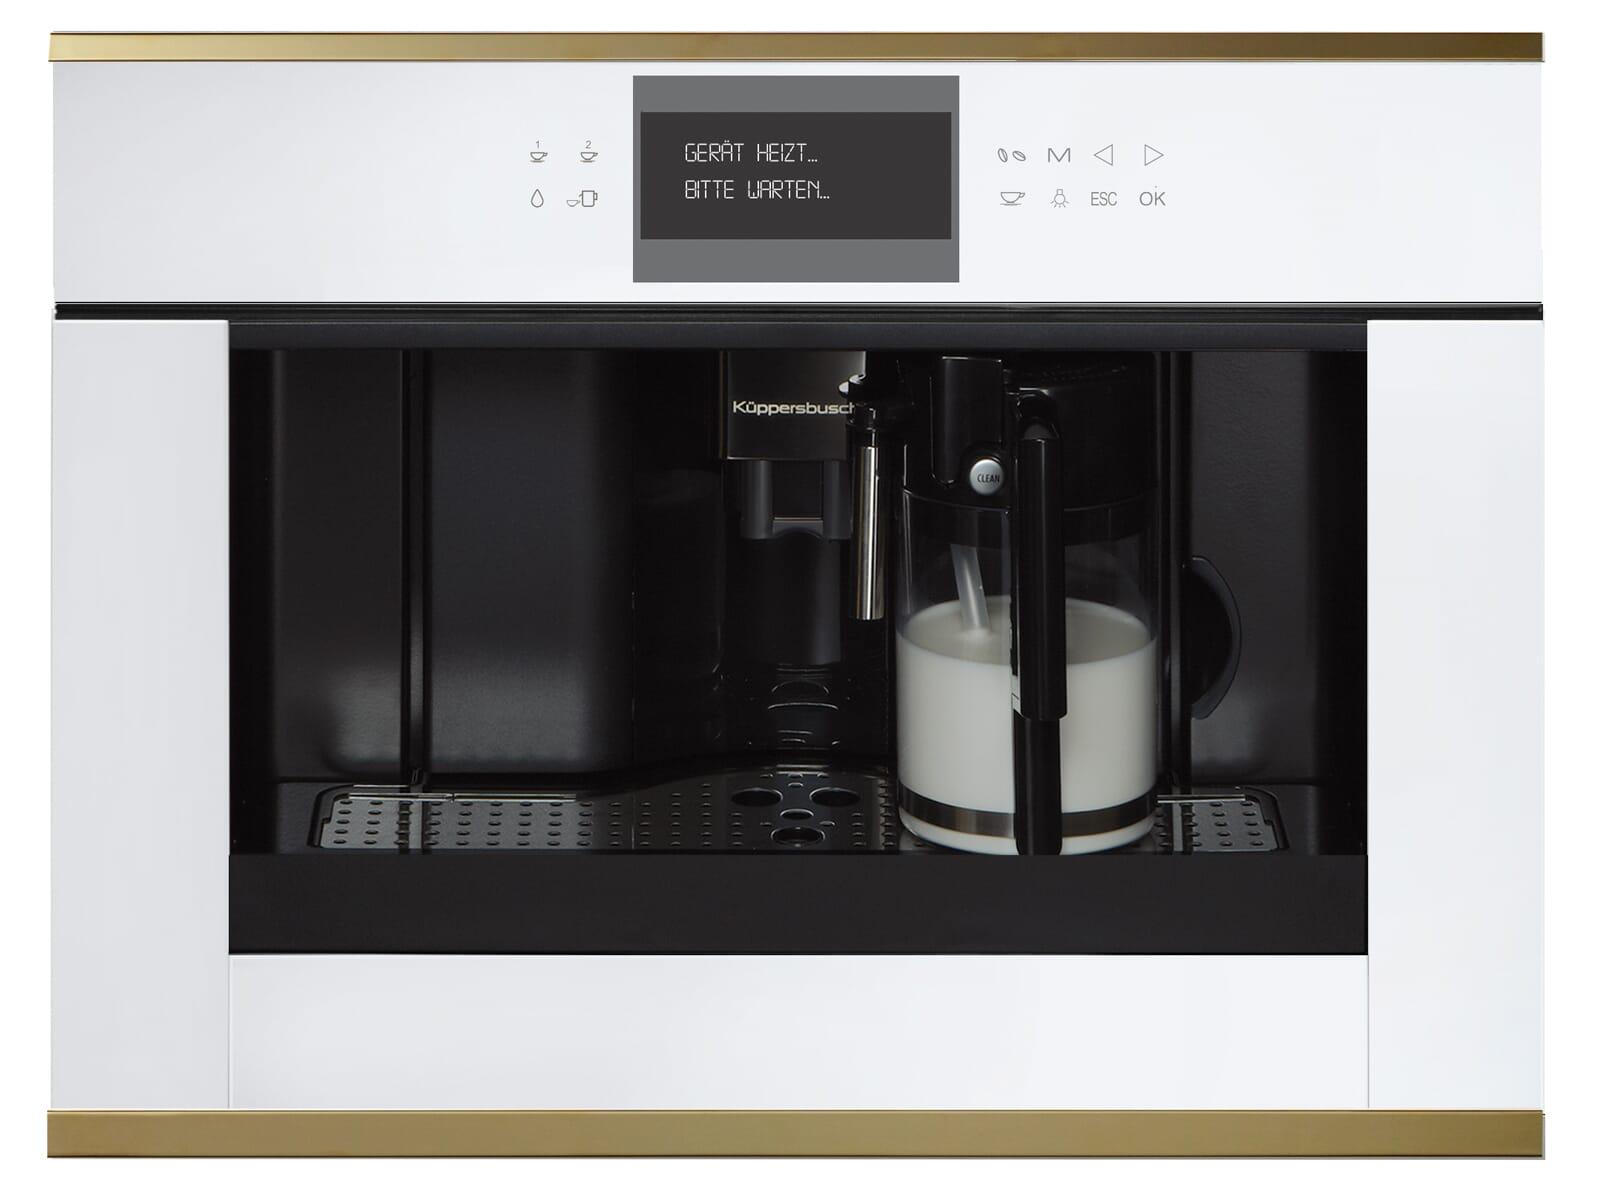 Küppersbusch CKV 6550.0 W4 K-Series. 5 Einbau-Espresso-/Kaffeevollautomat Weiß/Gold